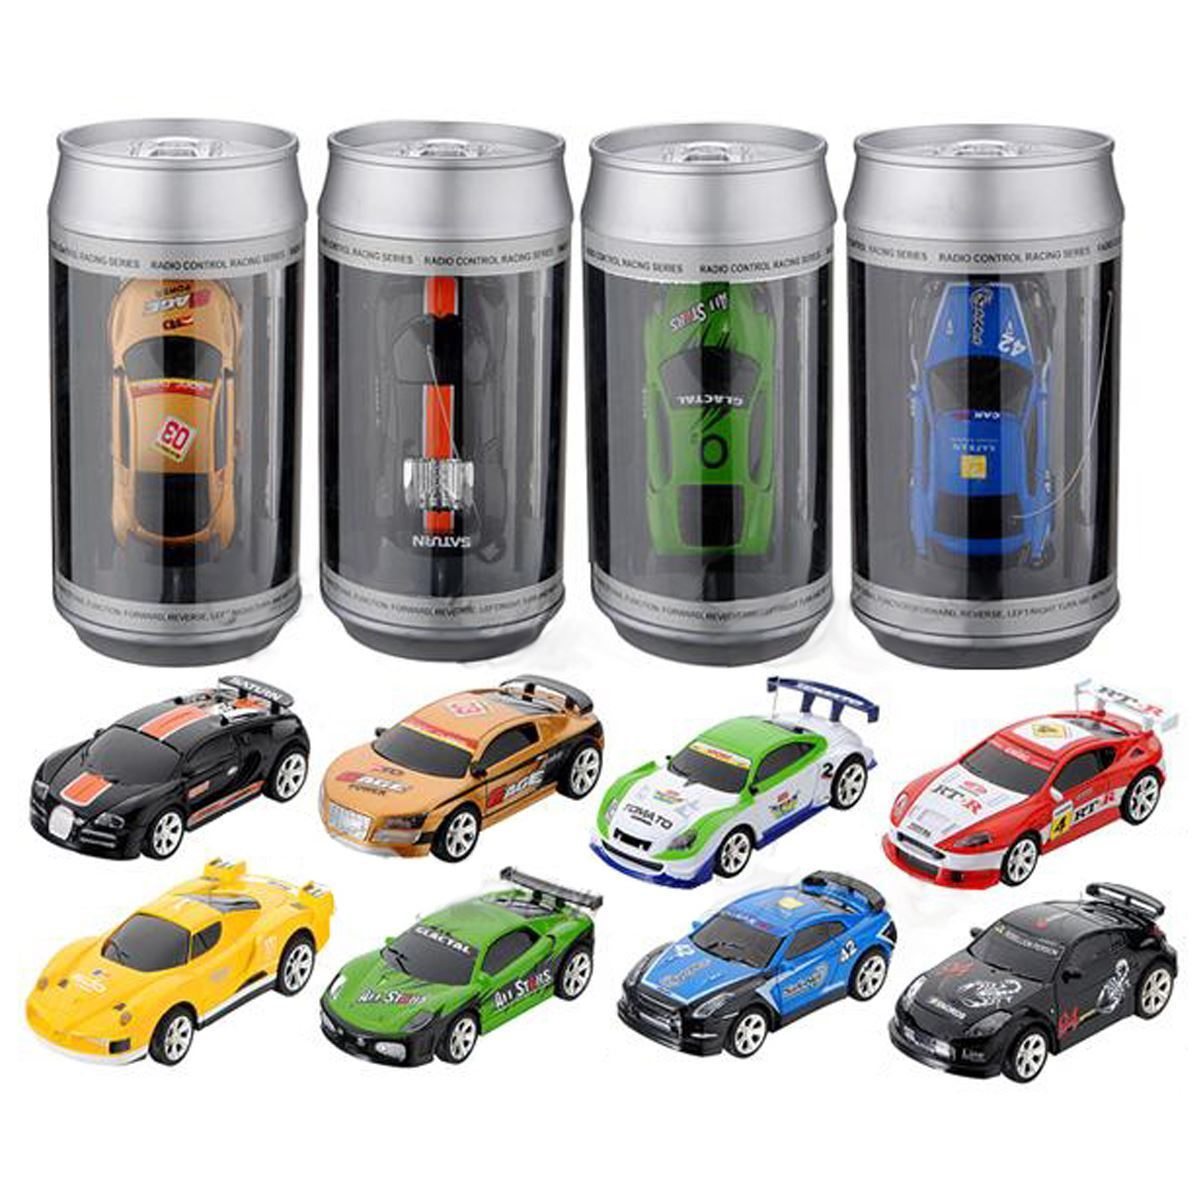 Cor Popular 20-8 Kmh cola mini 4 corridas de carro de controle remoto mini carro de rádio freqüência brinquedos das crianças